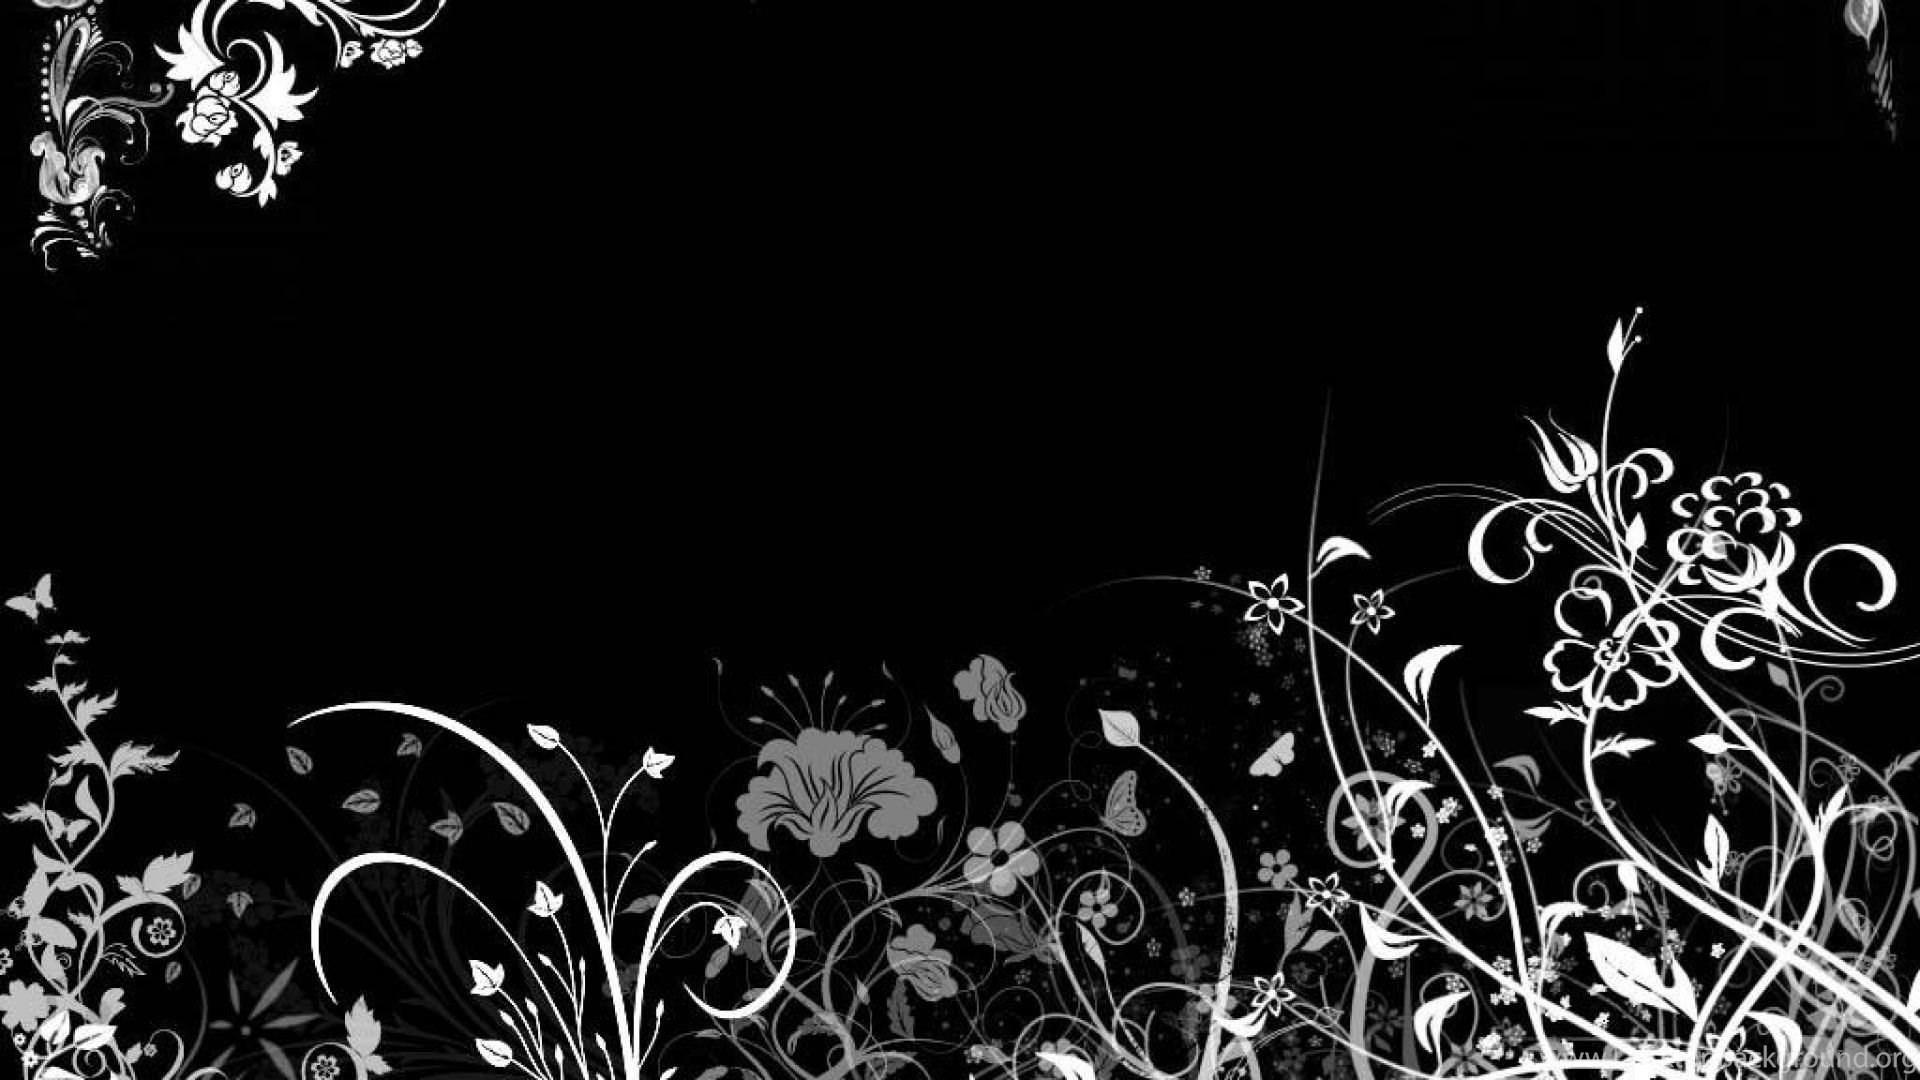 In Black Floral Desktop Wallpaper Desktop Background